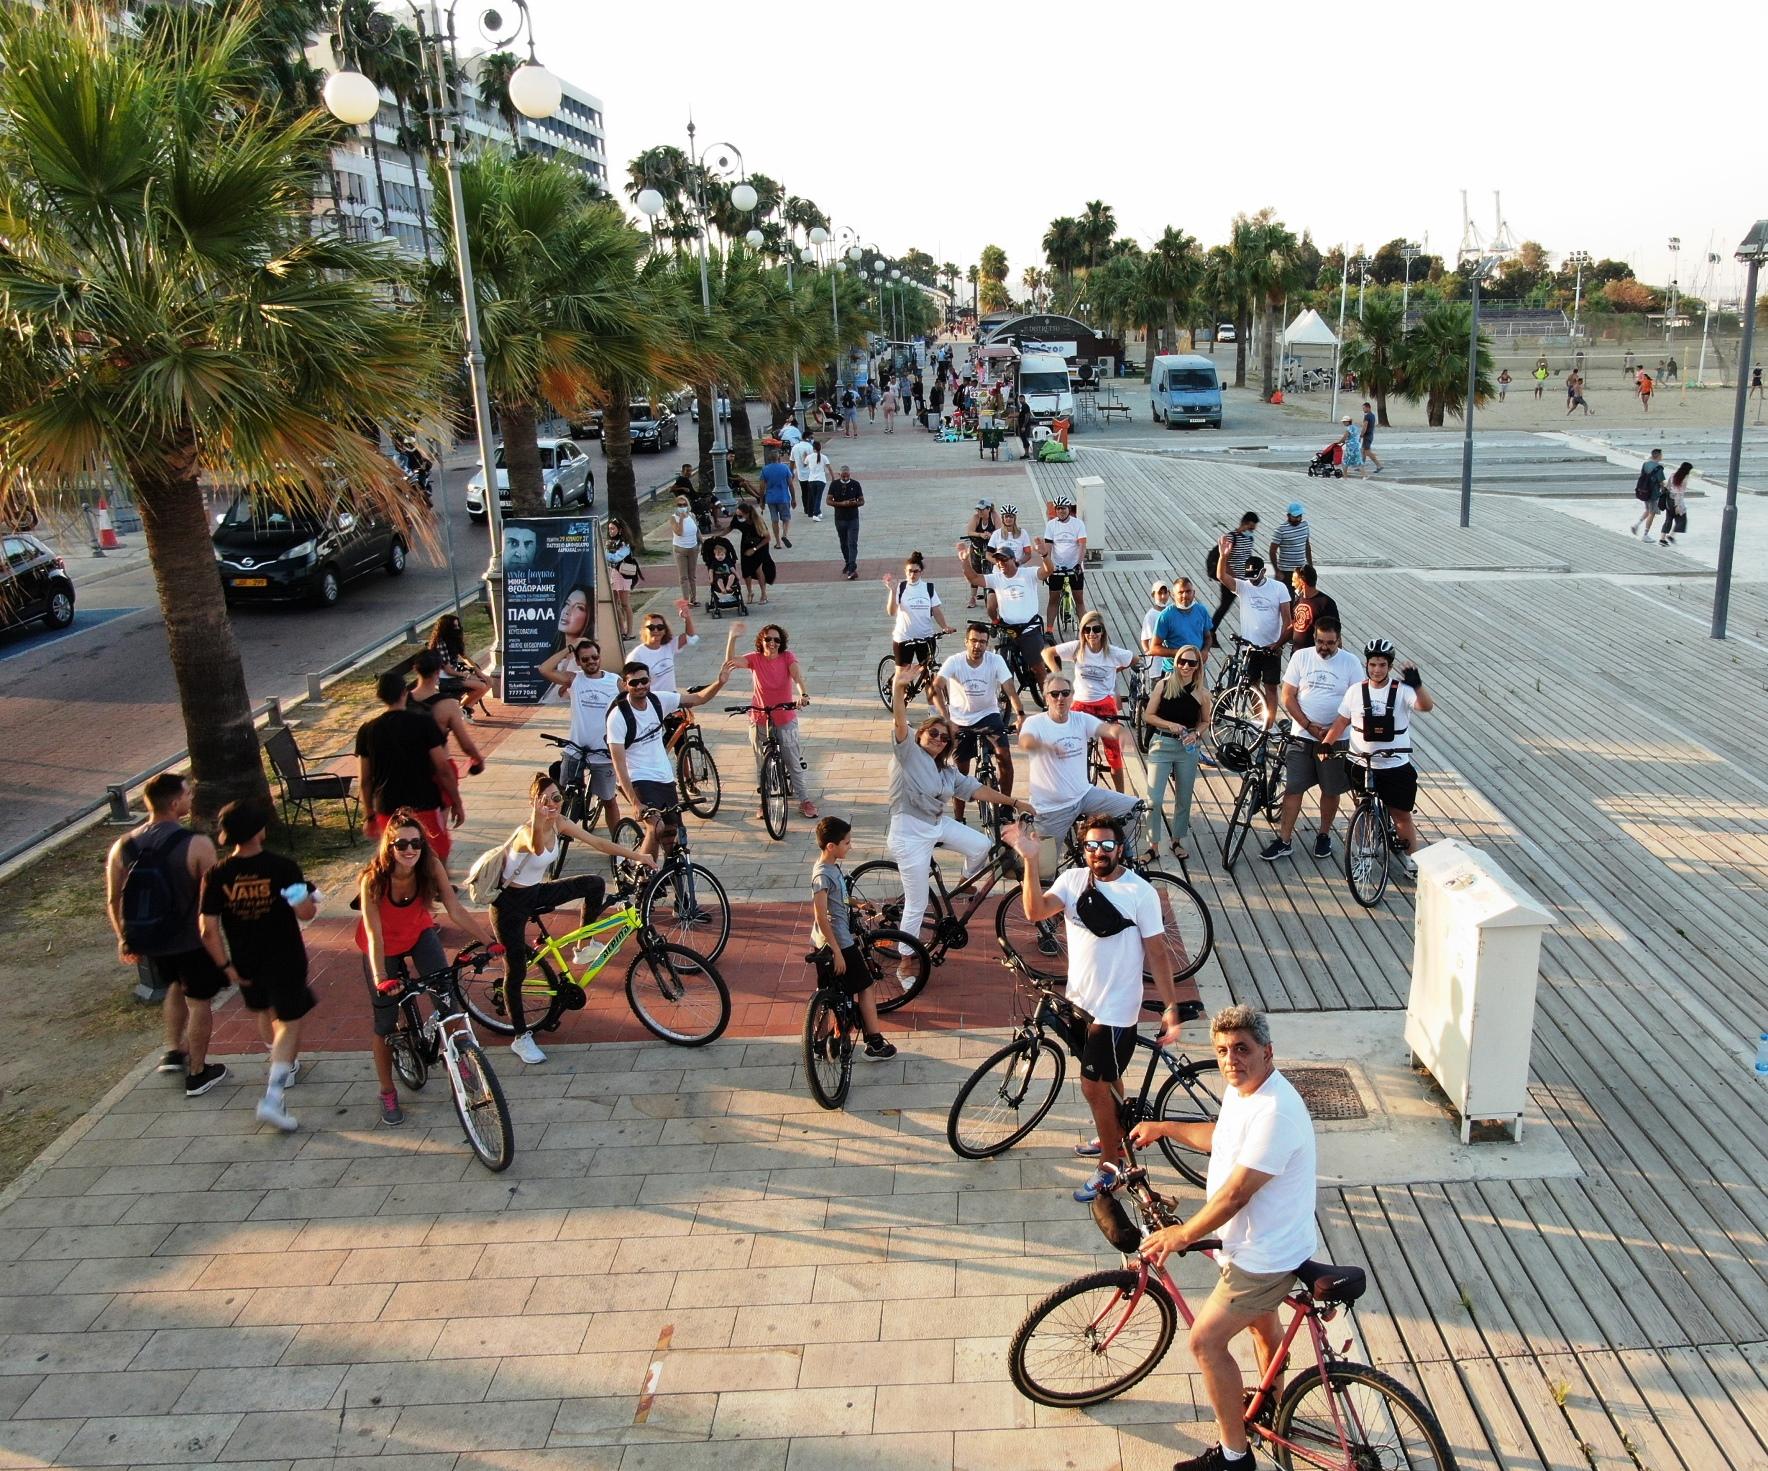 Με επιτυχία ο ποδηλατικός γύρος στο κέντρο της Λάρνακας (Φώτο)